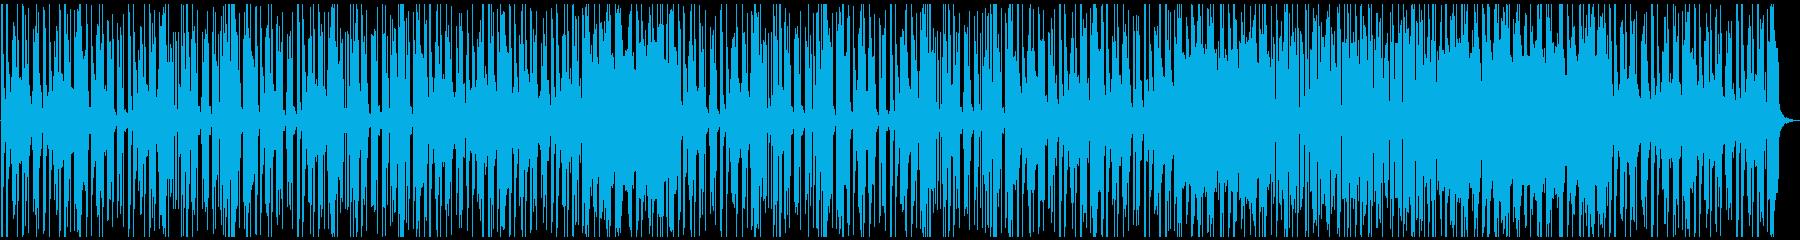 メロウなフレーズに合うファイヒップホップの再生済みの波形